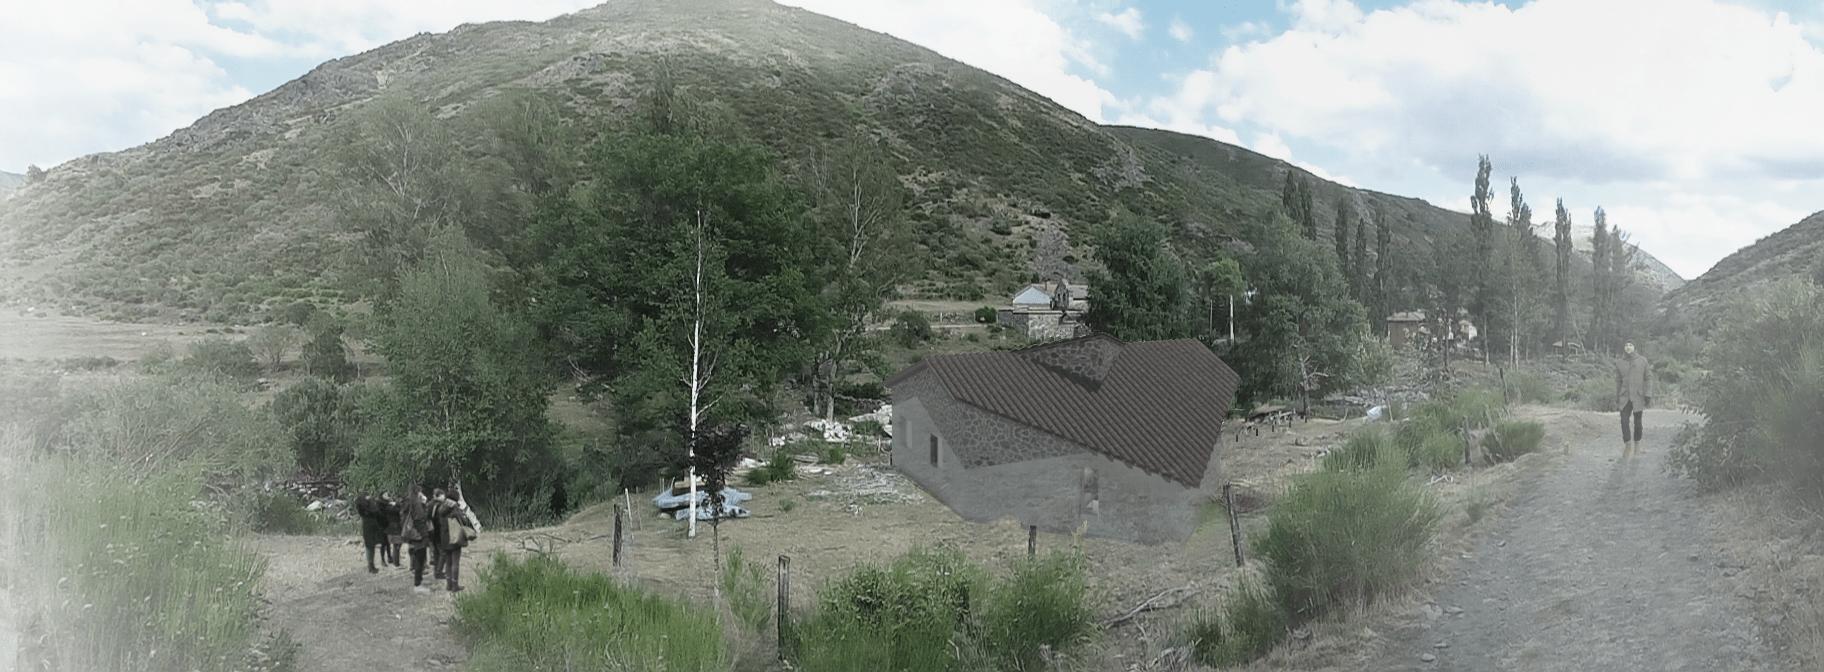 sietequince proyecto refugio espigüete montaña exterior panorámica